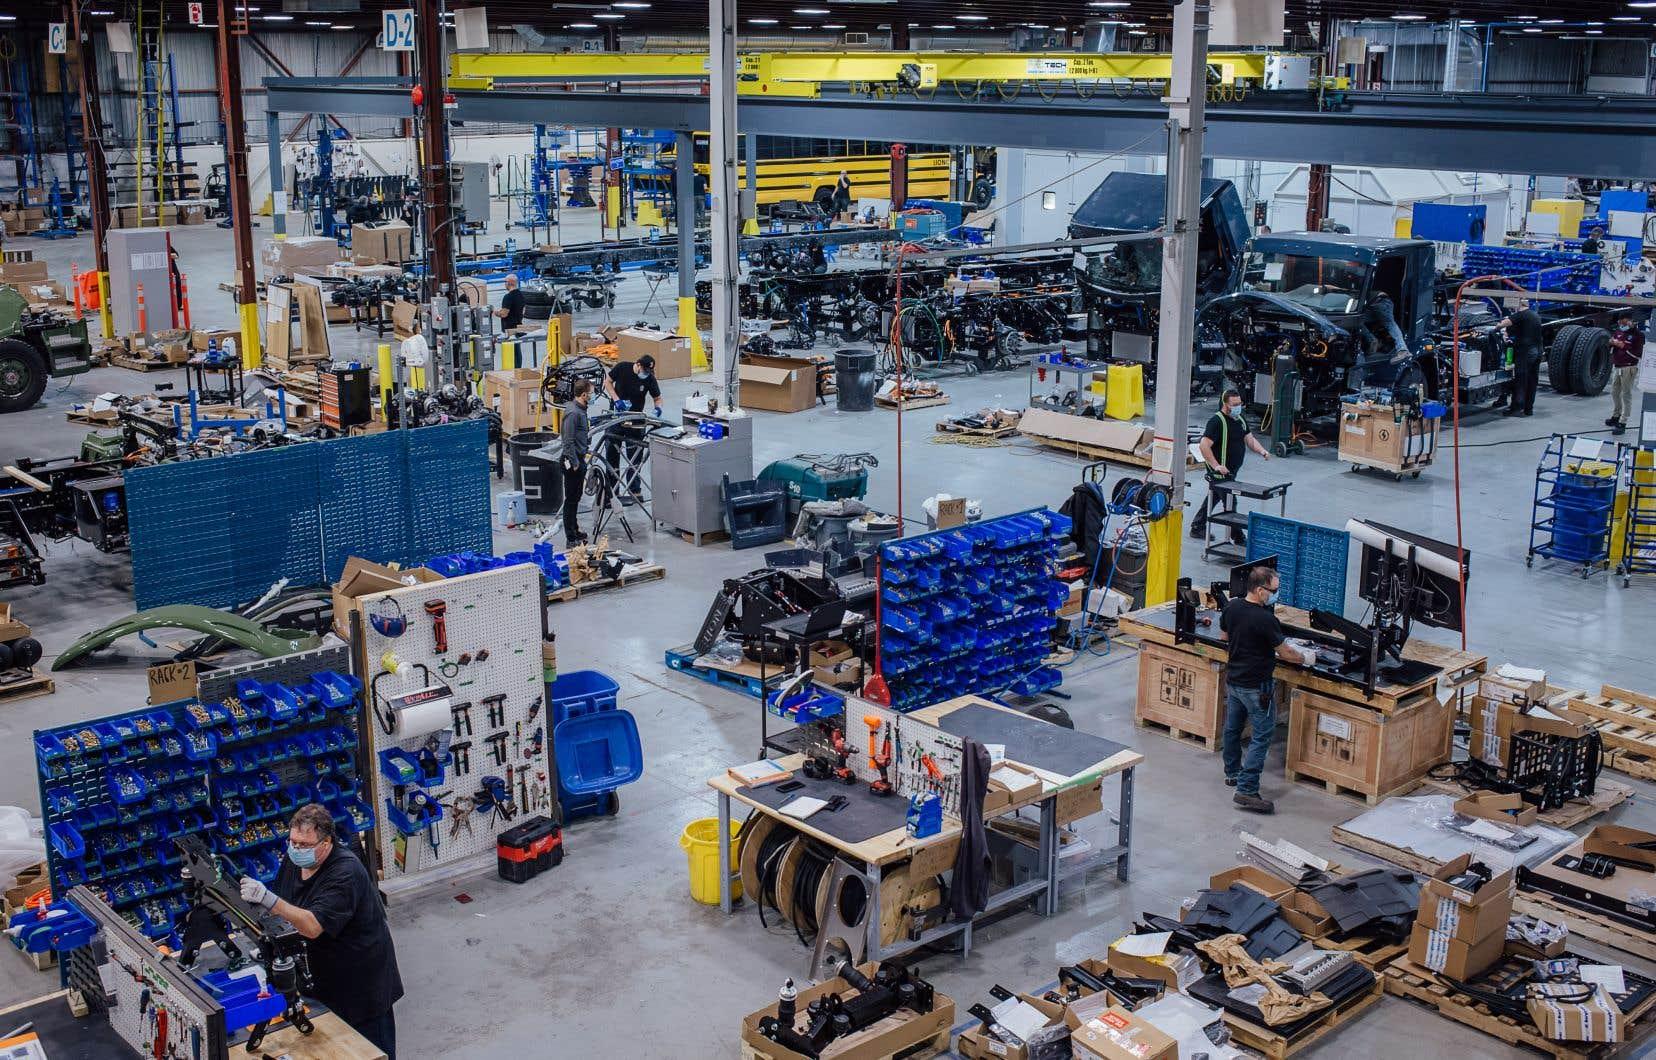 L'usine de Saint-Jérôme del'entreprise Lion, spécialisée dans la production d'autobus et de camions électriques.